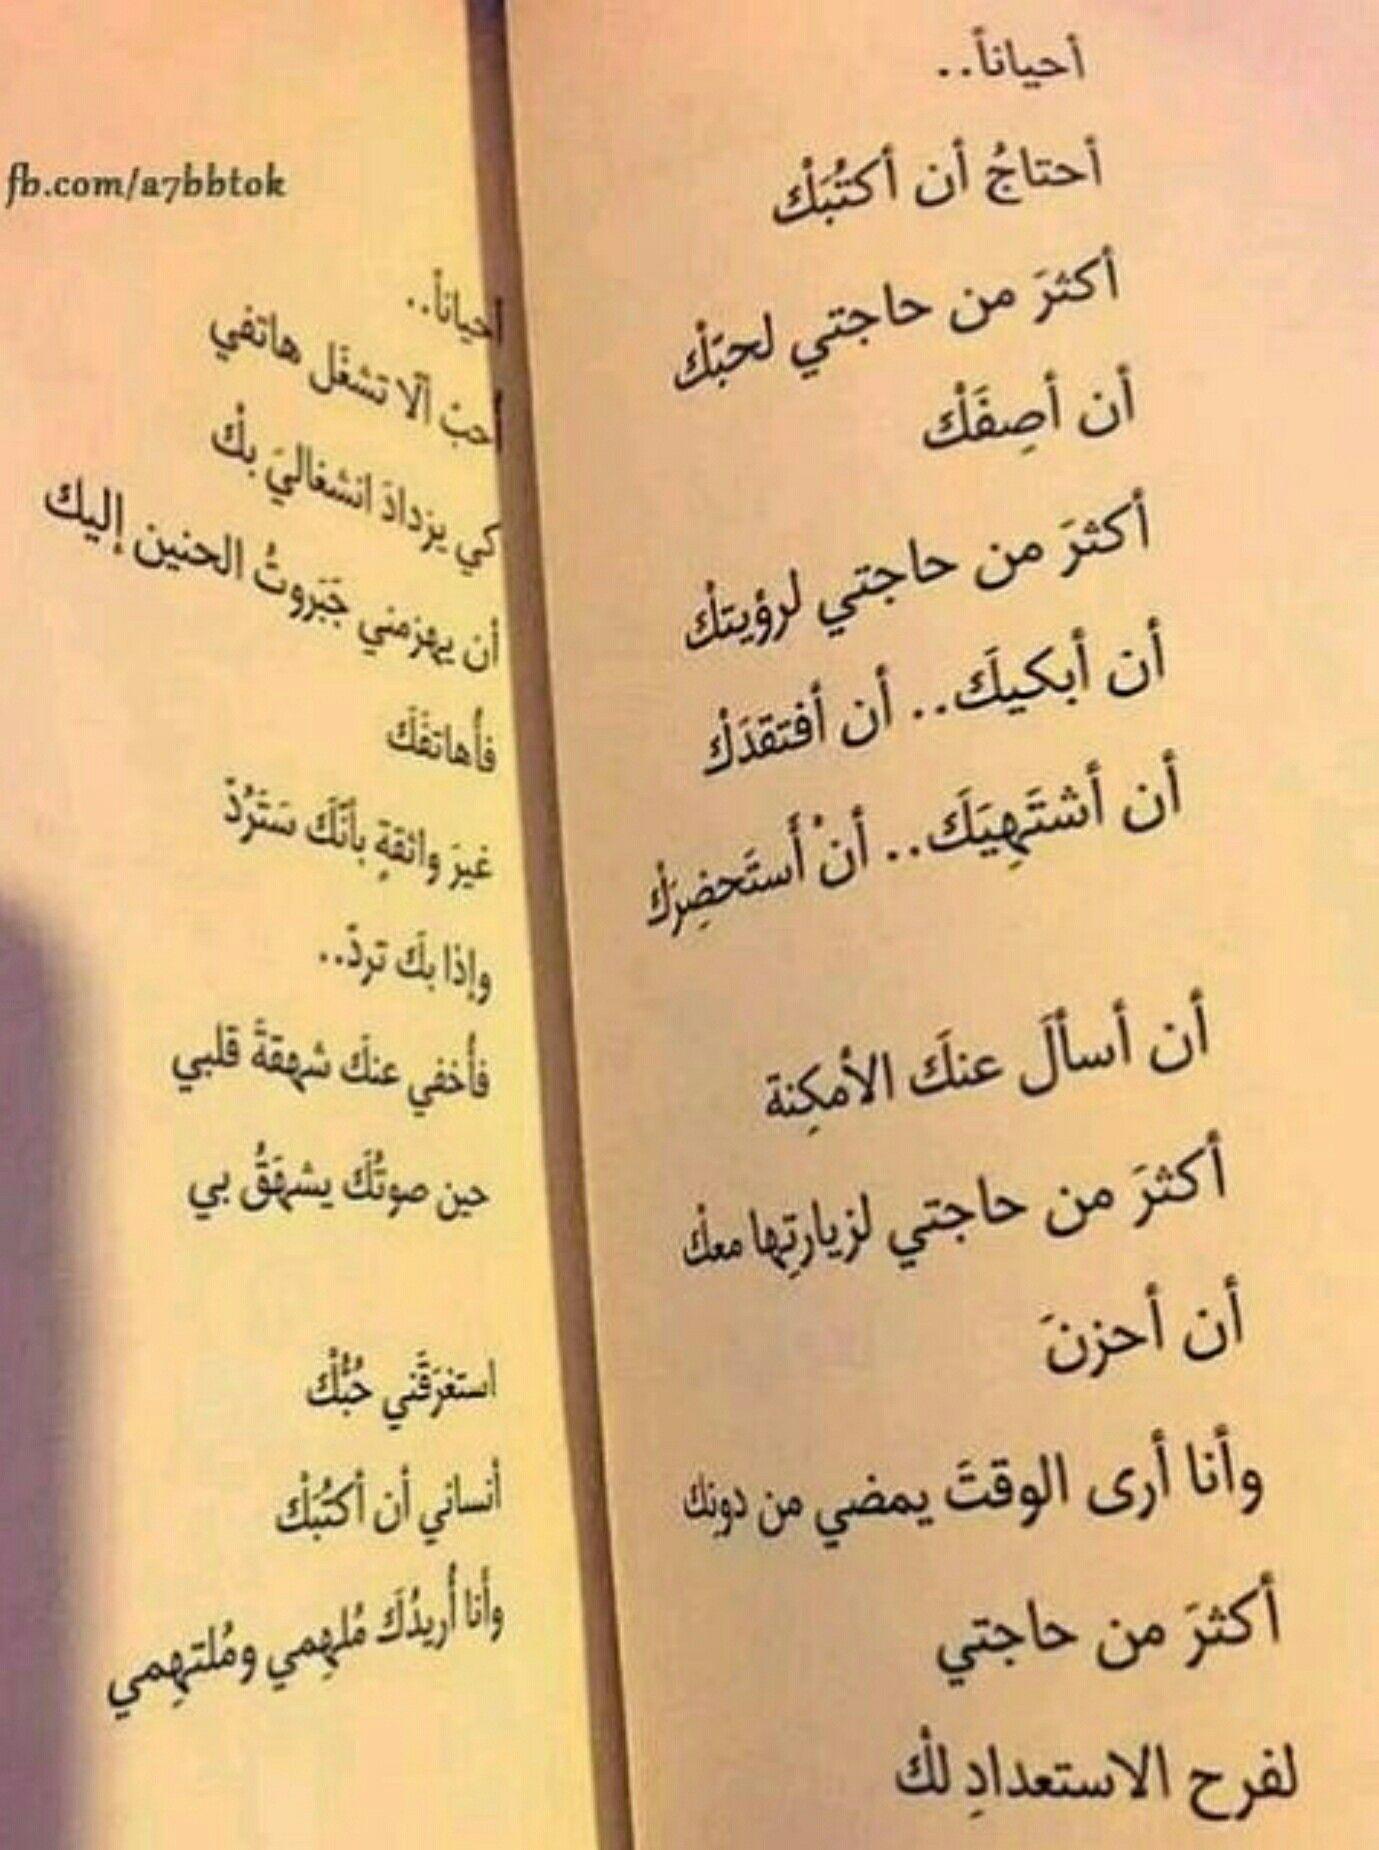 احيانا احتاج خواطر همسات Love Quotes More Than Words Quotes